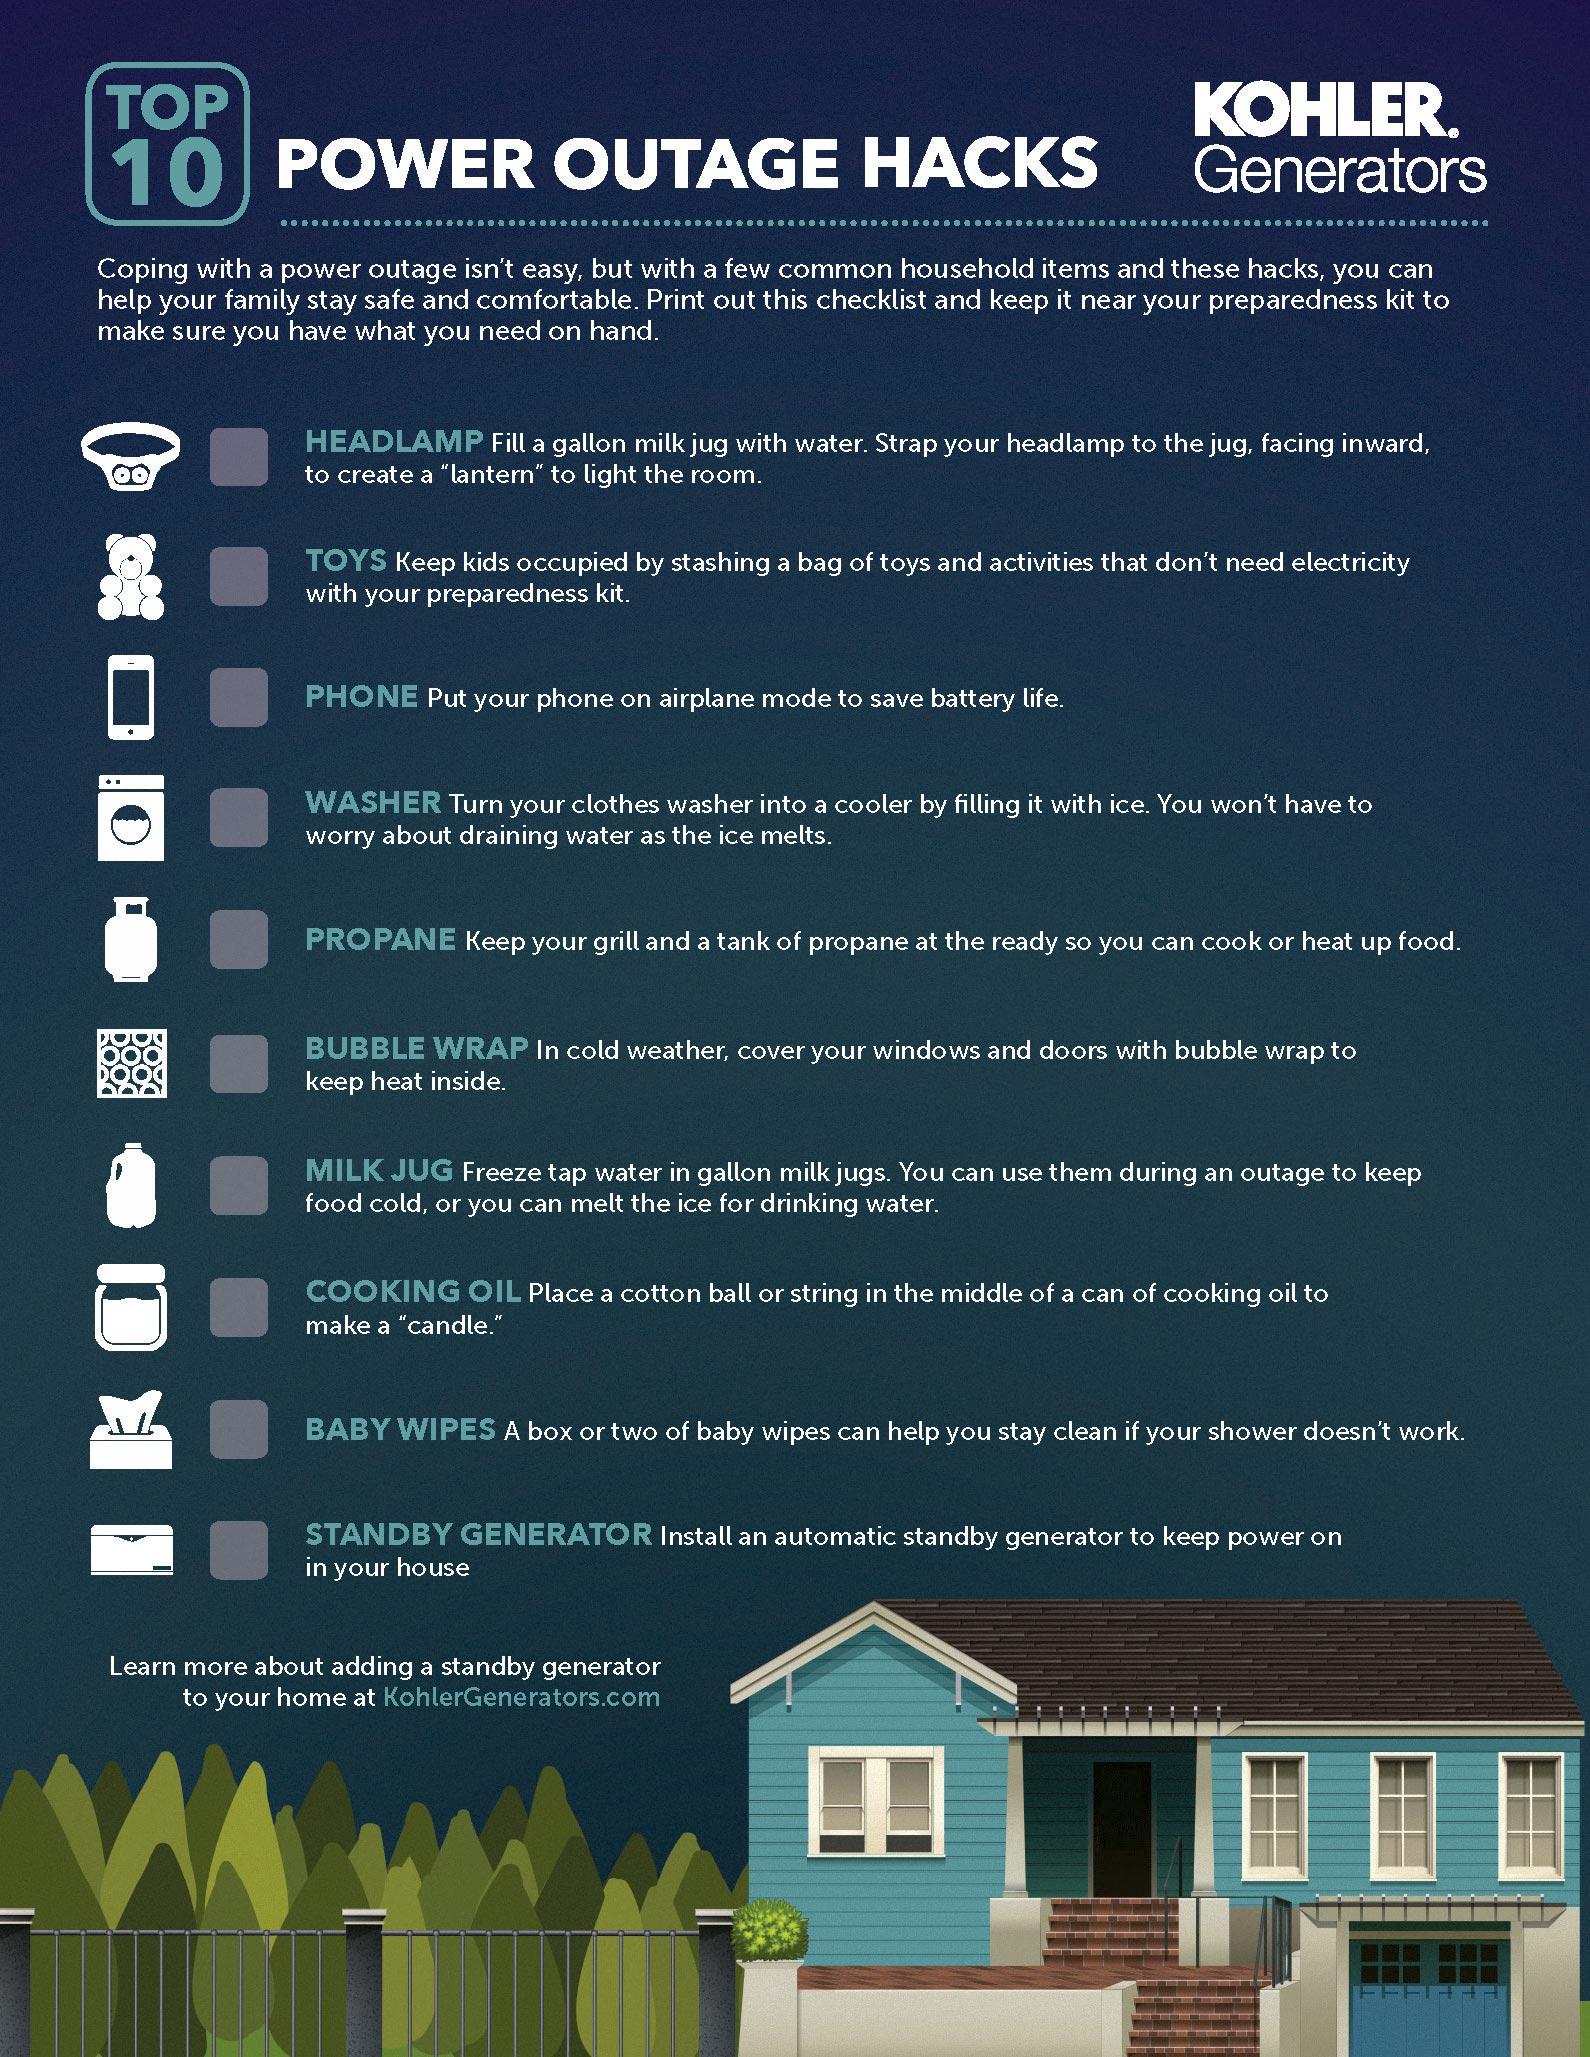 Top 10 Power Outage Hacks by Kohler Generators